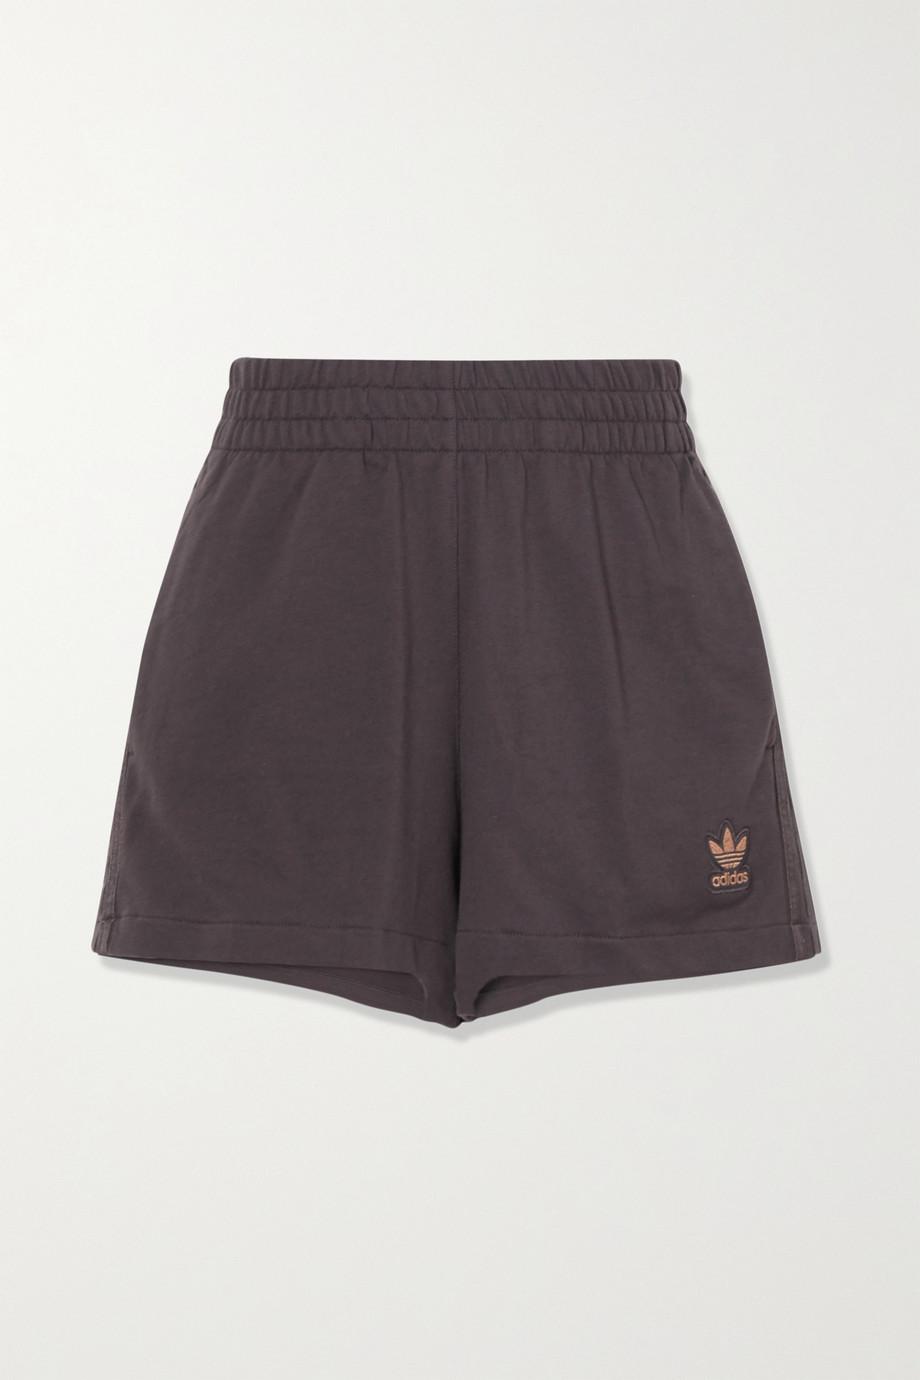 adidas Originals Shorts aus Baumwollfrottee mit Metallic-Streifen